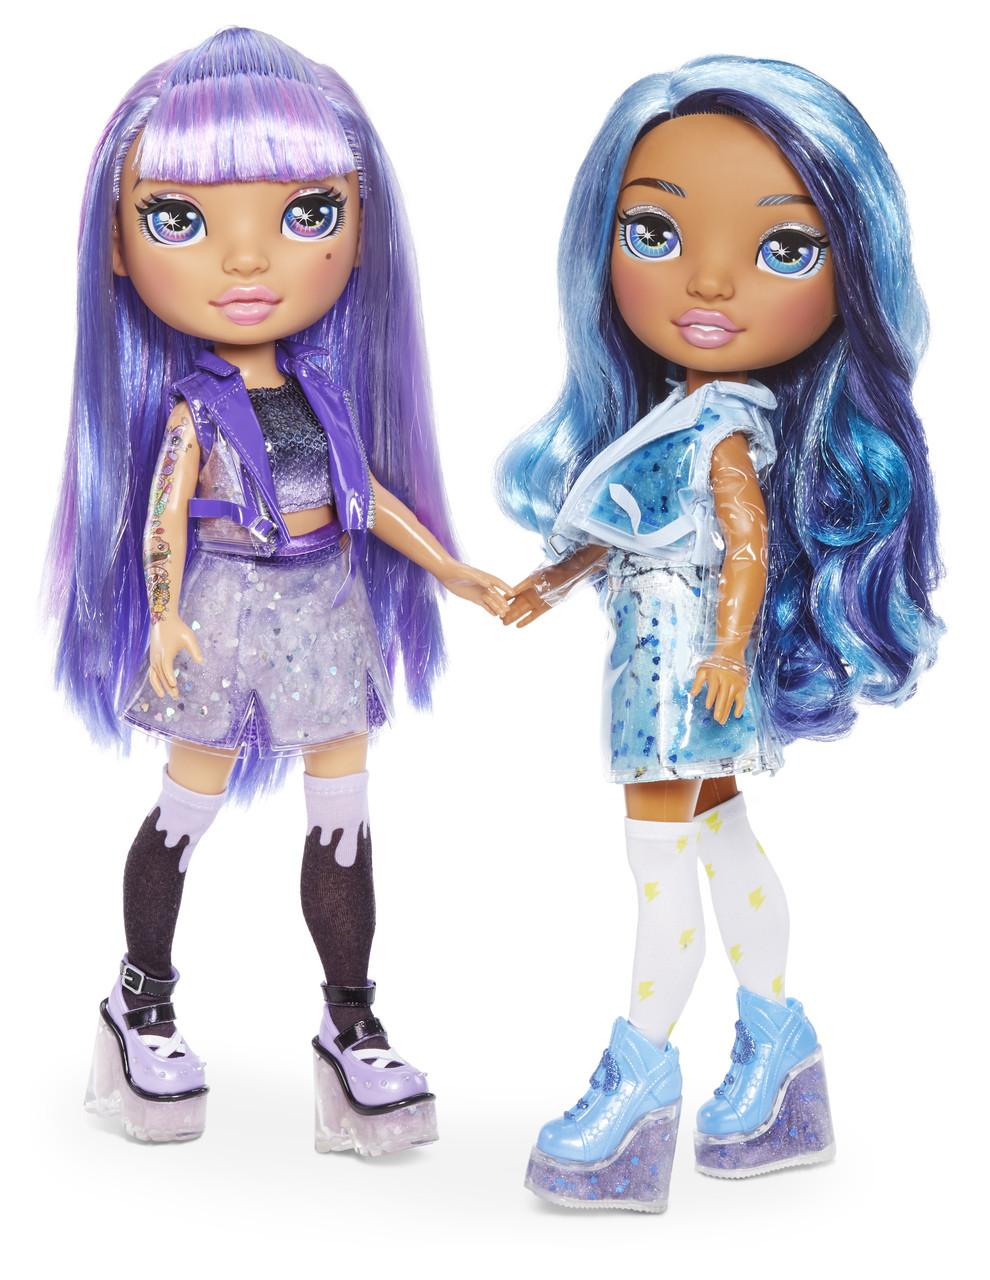 Набор Пупси Радужные Девочки Poopsie Rainbow Girls Фиолетовая Леди или Голубая Леди Серия 1+ 20 сюрпризов